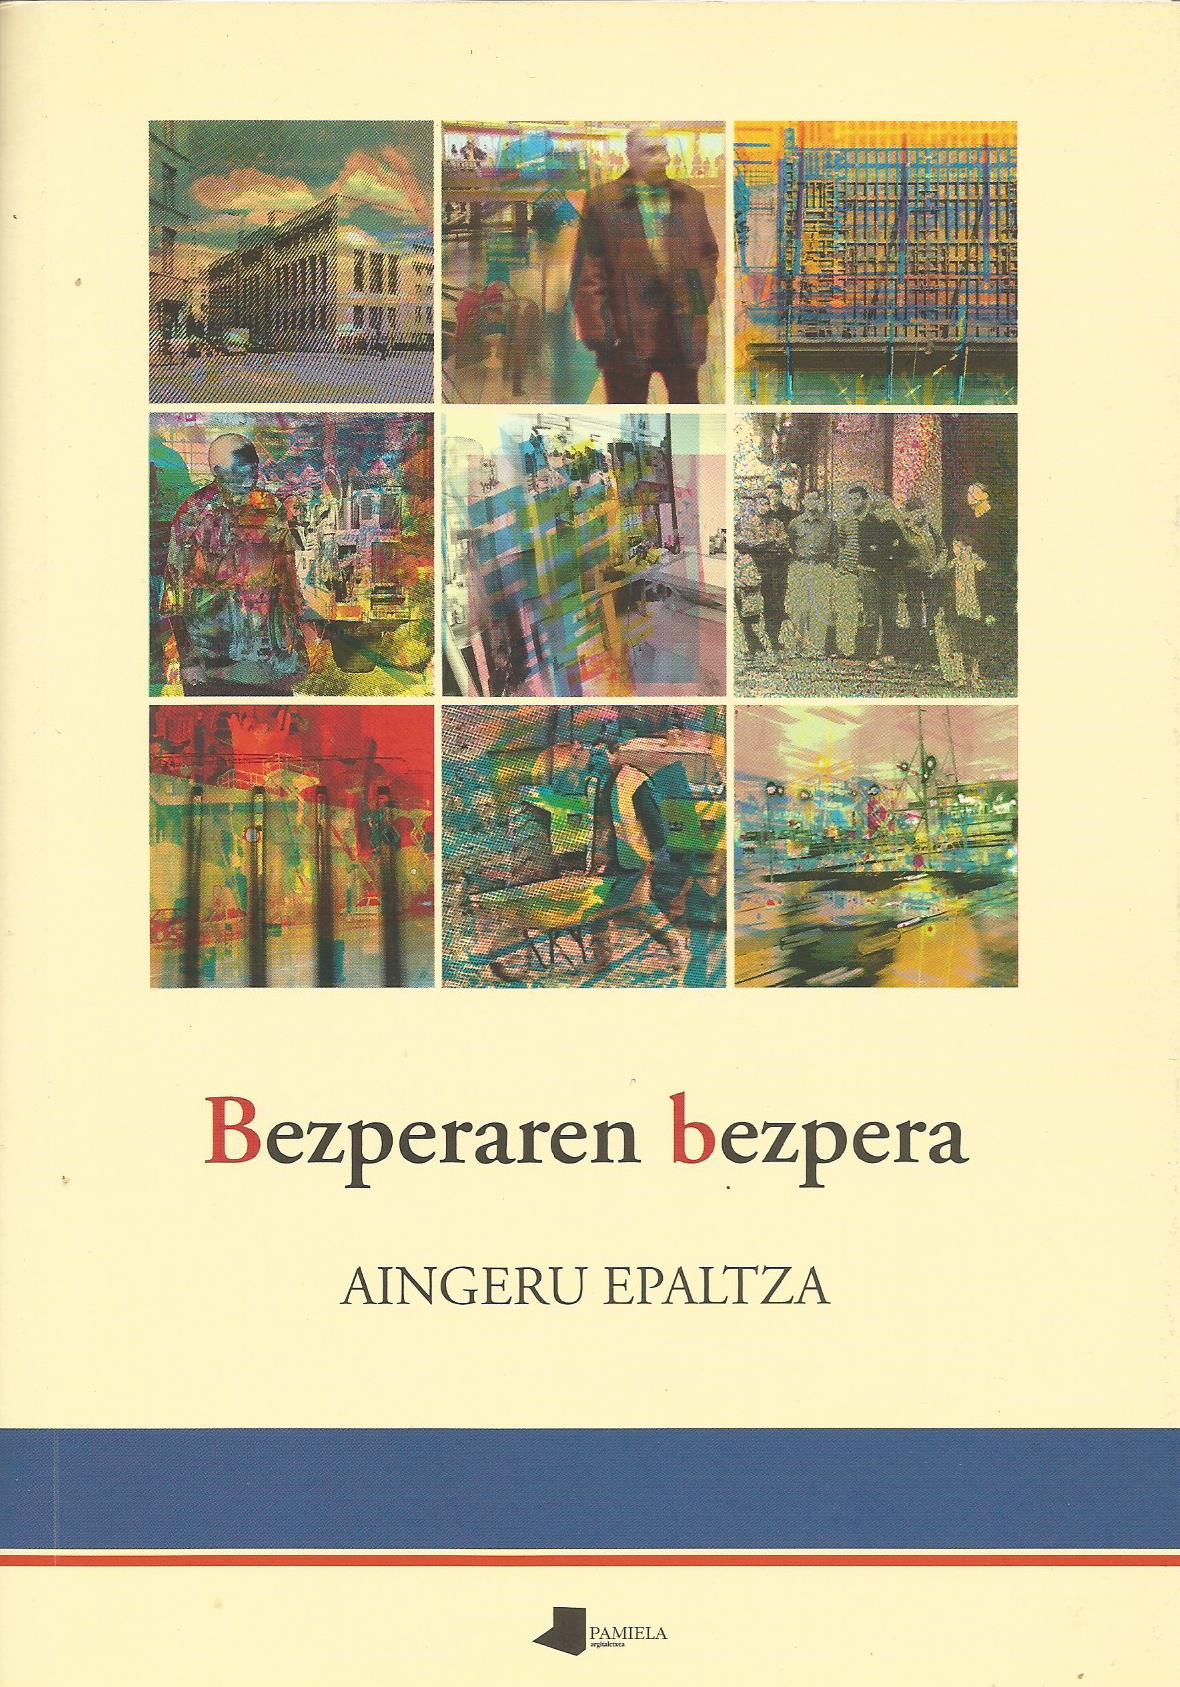 Bezperaren bezpera. Aingeru Epaltza. Pamiela, 2007